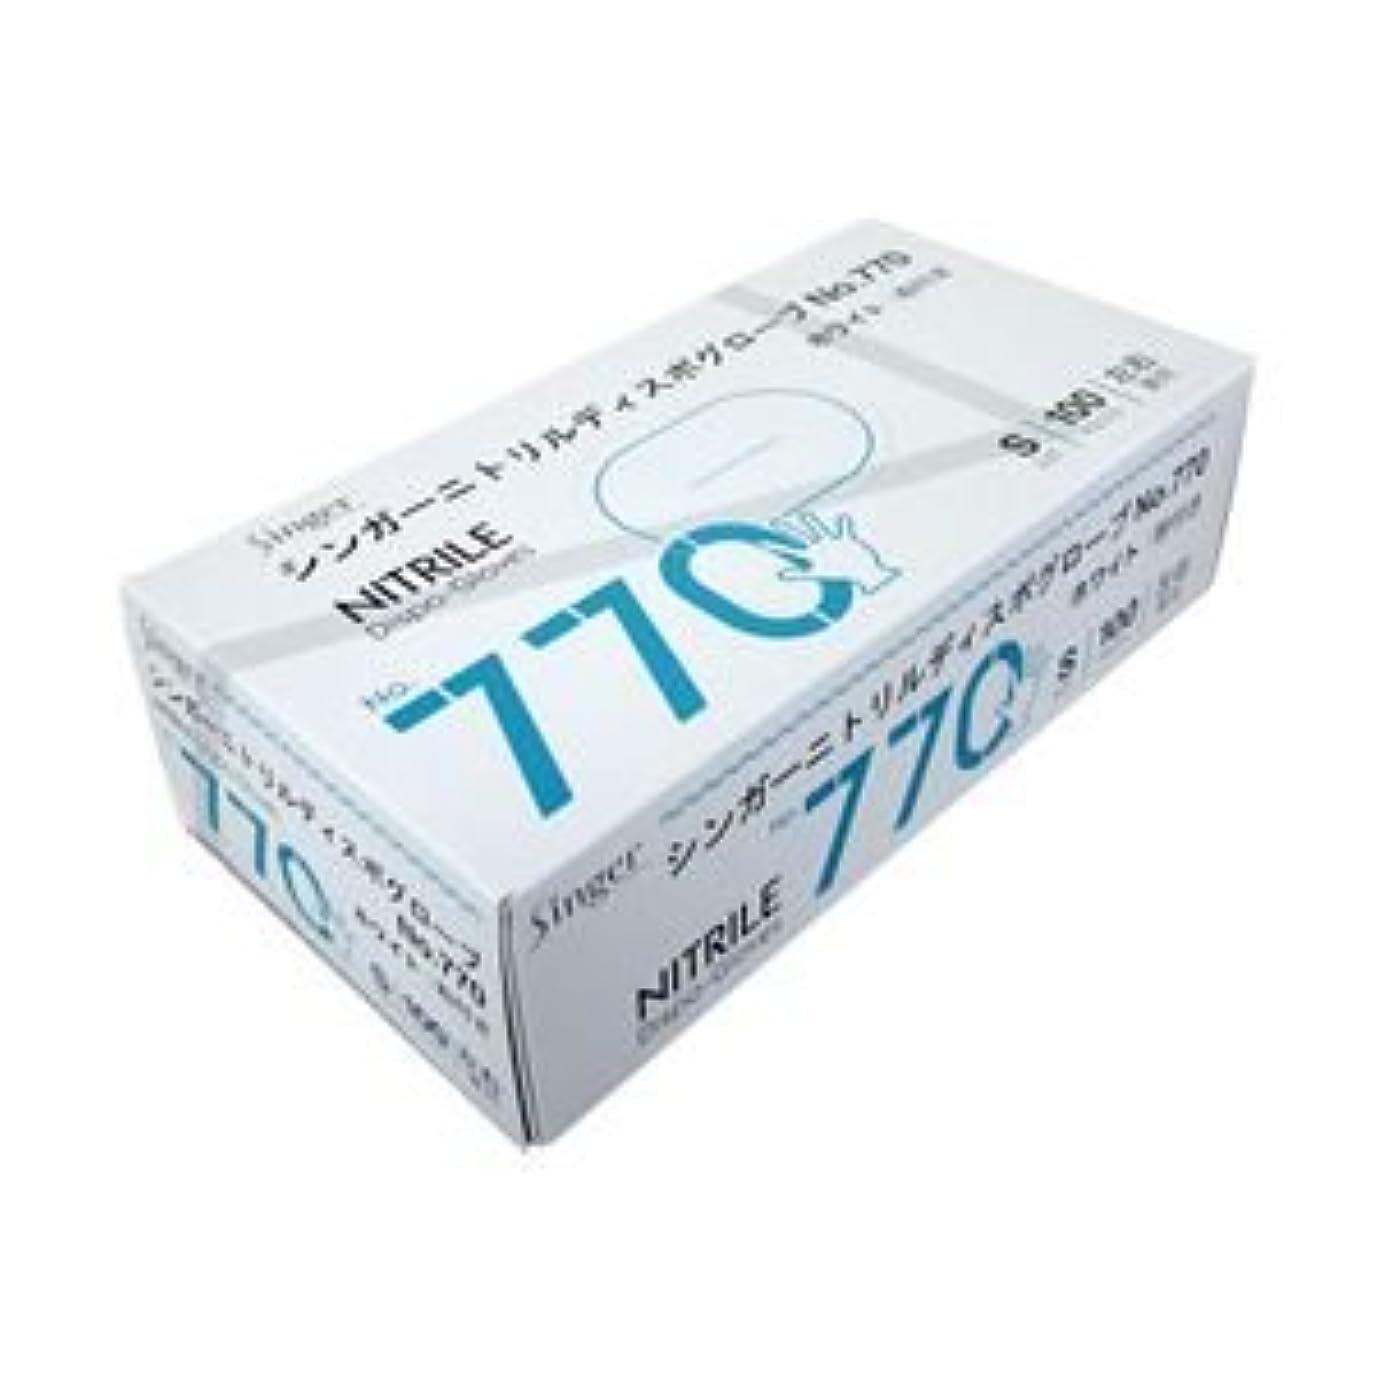 アクロバットやめるオープナー(業務用セット) 宇都宮製作 ニトリル手袋770 粉付き S 1箱(100枚) 【×5セット】